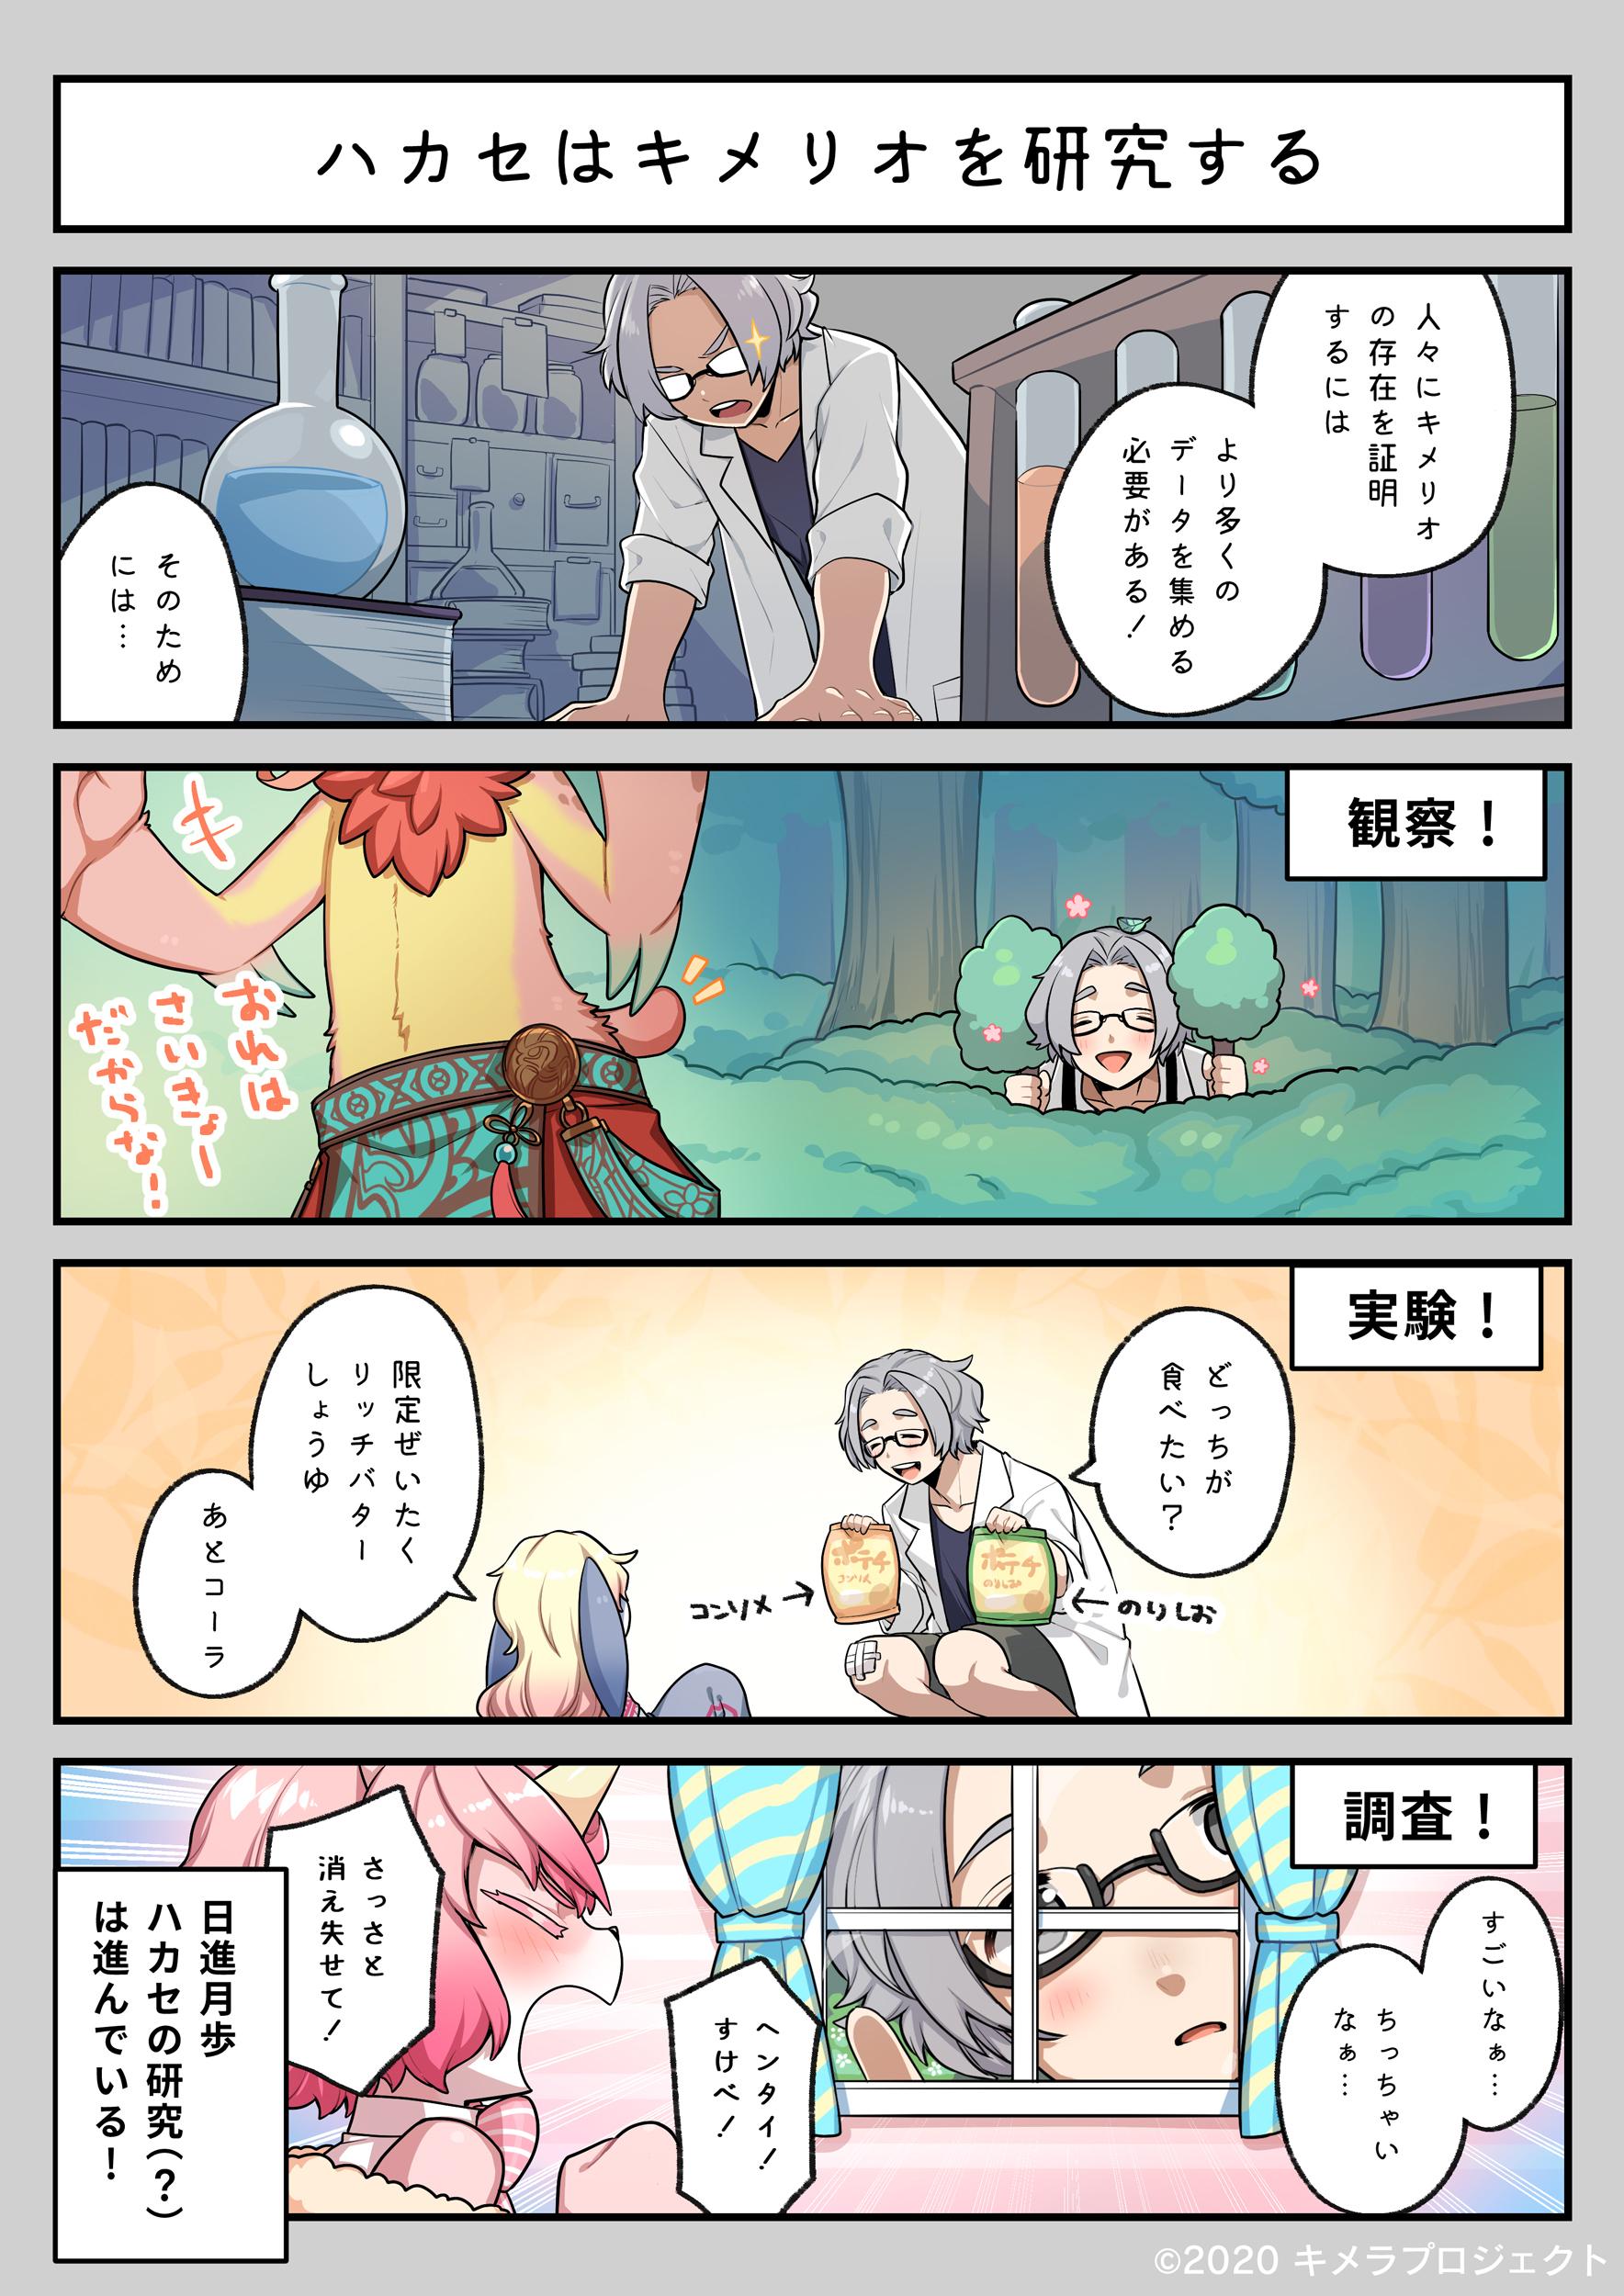 4コマ漫画_#01_「ハカセはキメリオを研究する」 (C)2020 キメラプロジェクト